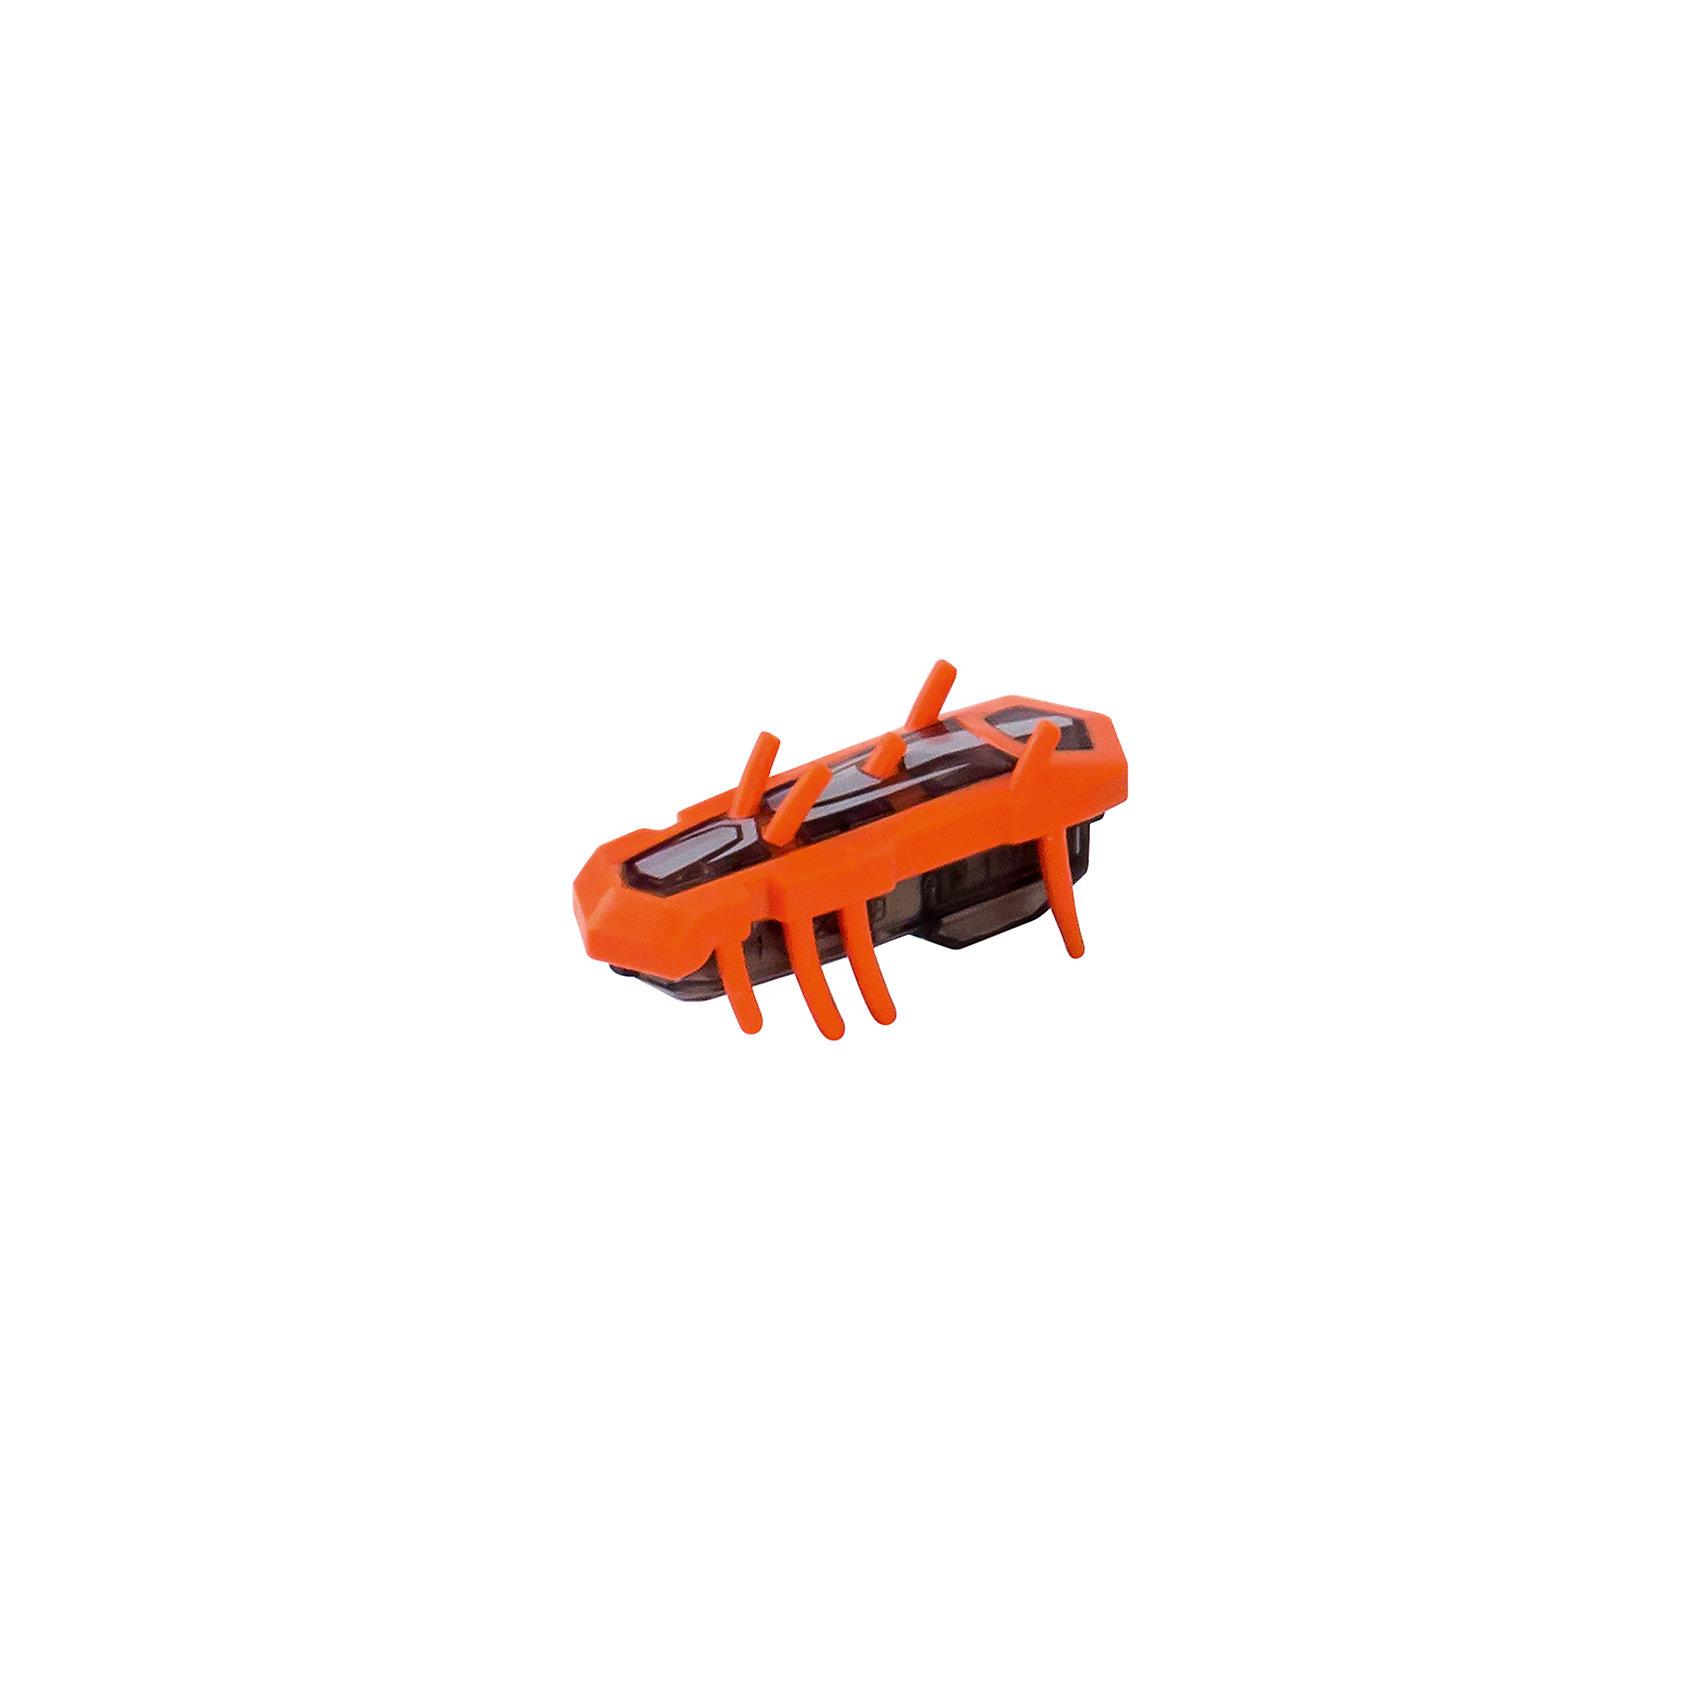 Микро-робот Nano Nitro Single, оранжево-черный, HexbugПрочие интерактивные игрушки<br><br><br>Ширина мм: 130<br>Глубина мм: 25<br>Высота мм: 25<br>Вес г: 30<br>Возраст от месяцев: 36<br>Возраст до месяцев: 2147483647<br>Пол: Унисекс<br>Возраст: Детский<br>SKU: 5507229